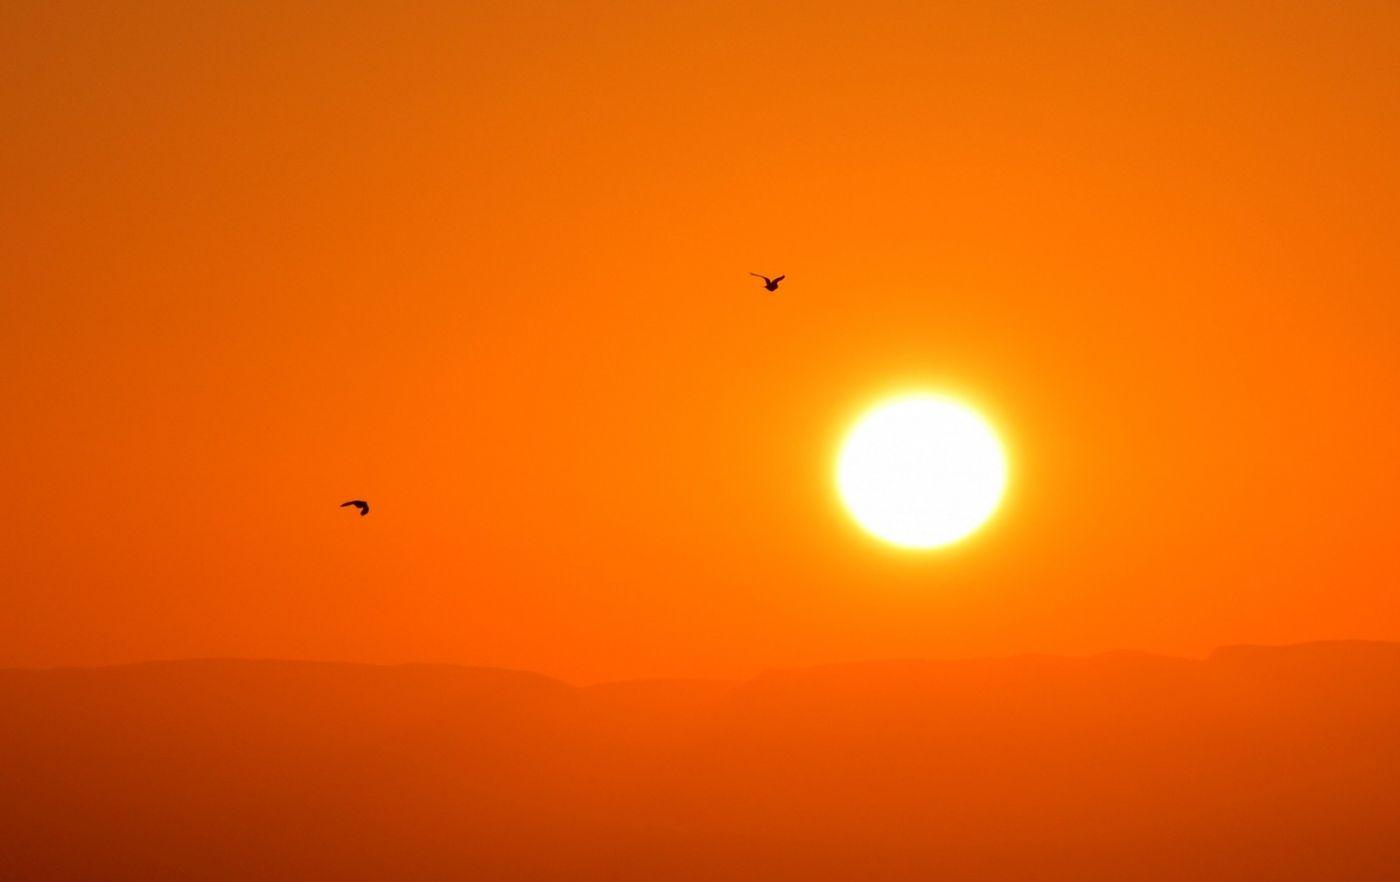 卢克索坐热气球观日出_图1-25